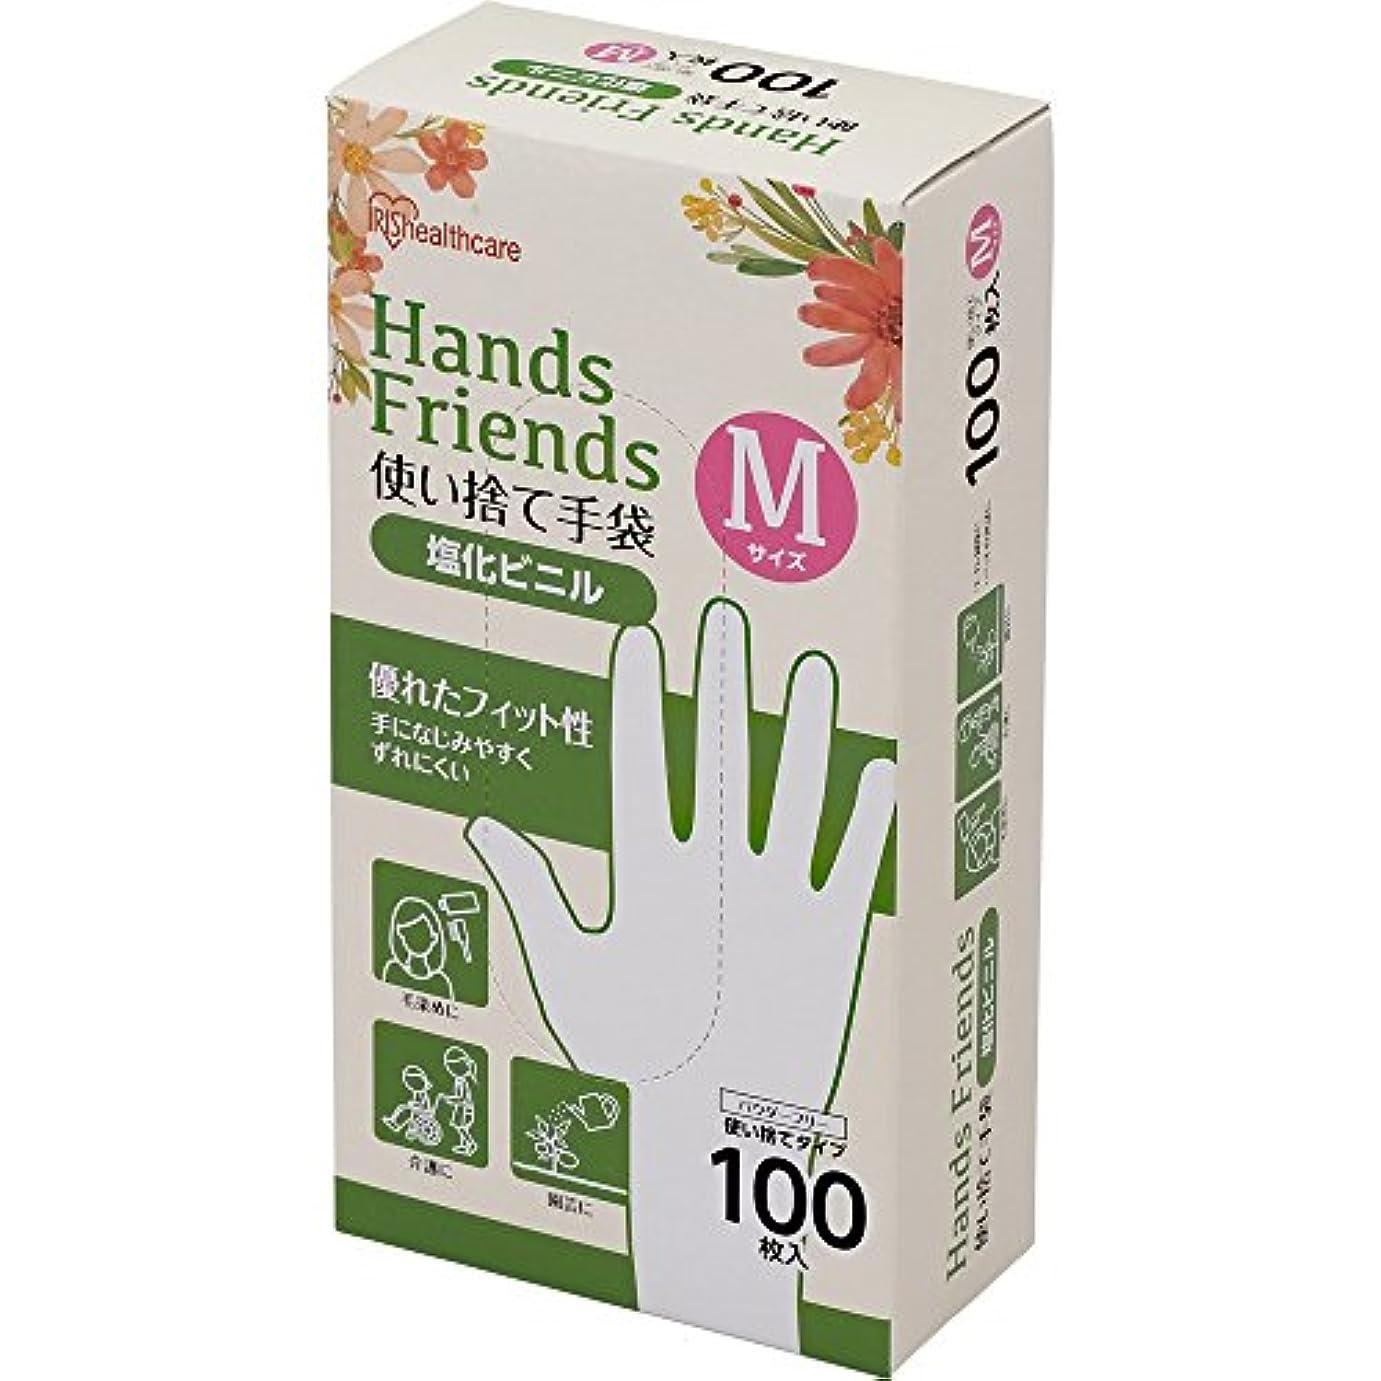 震える教師の日保全使い捨て手袋 クリア 塩化ビニル 100枚 Mサイズ PVC-100M